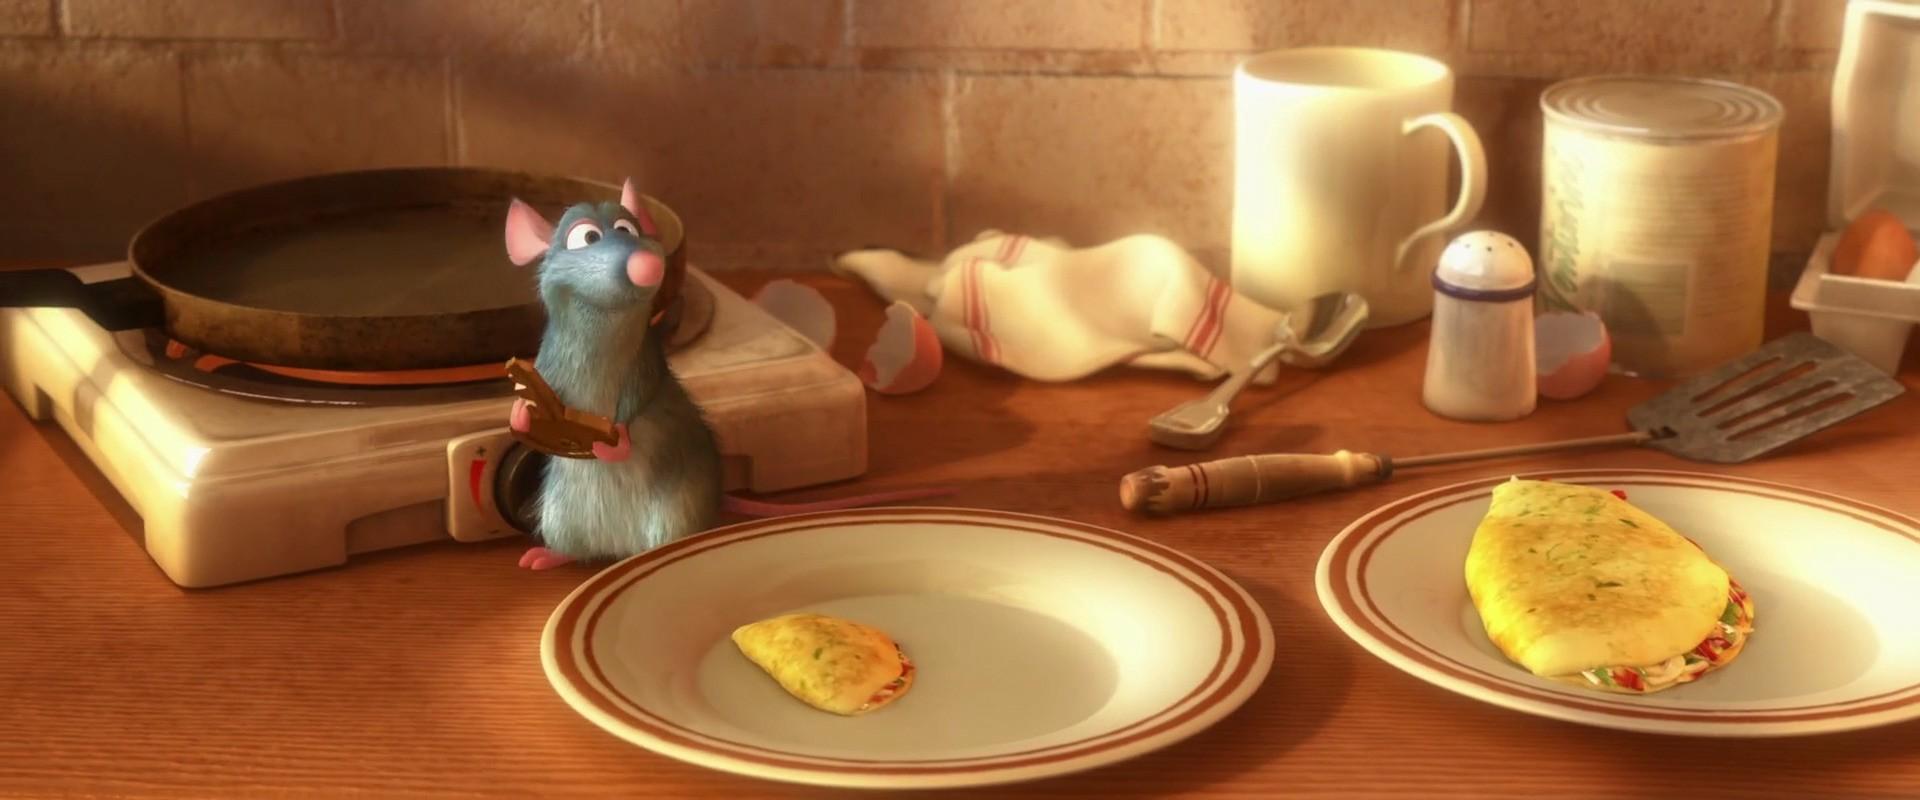 Omelette là một trong số những món ăn xuất hiện đầu tiên trong phim.